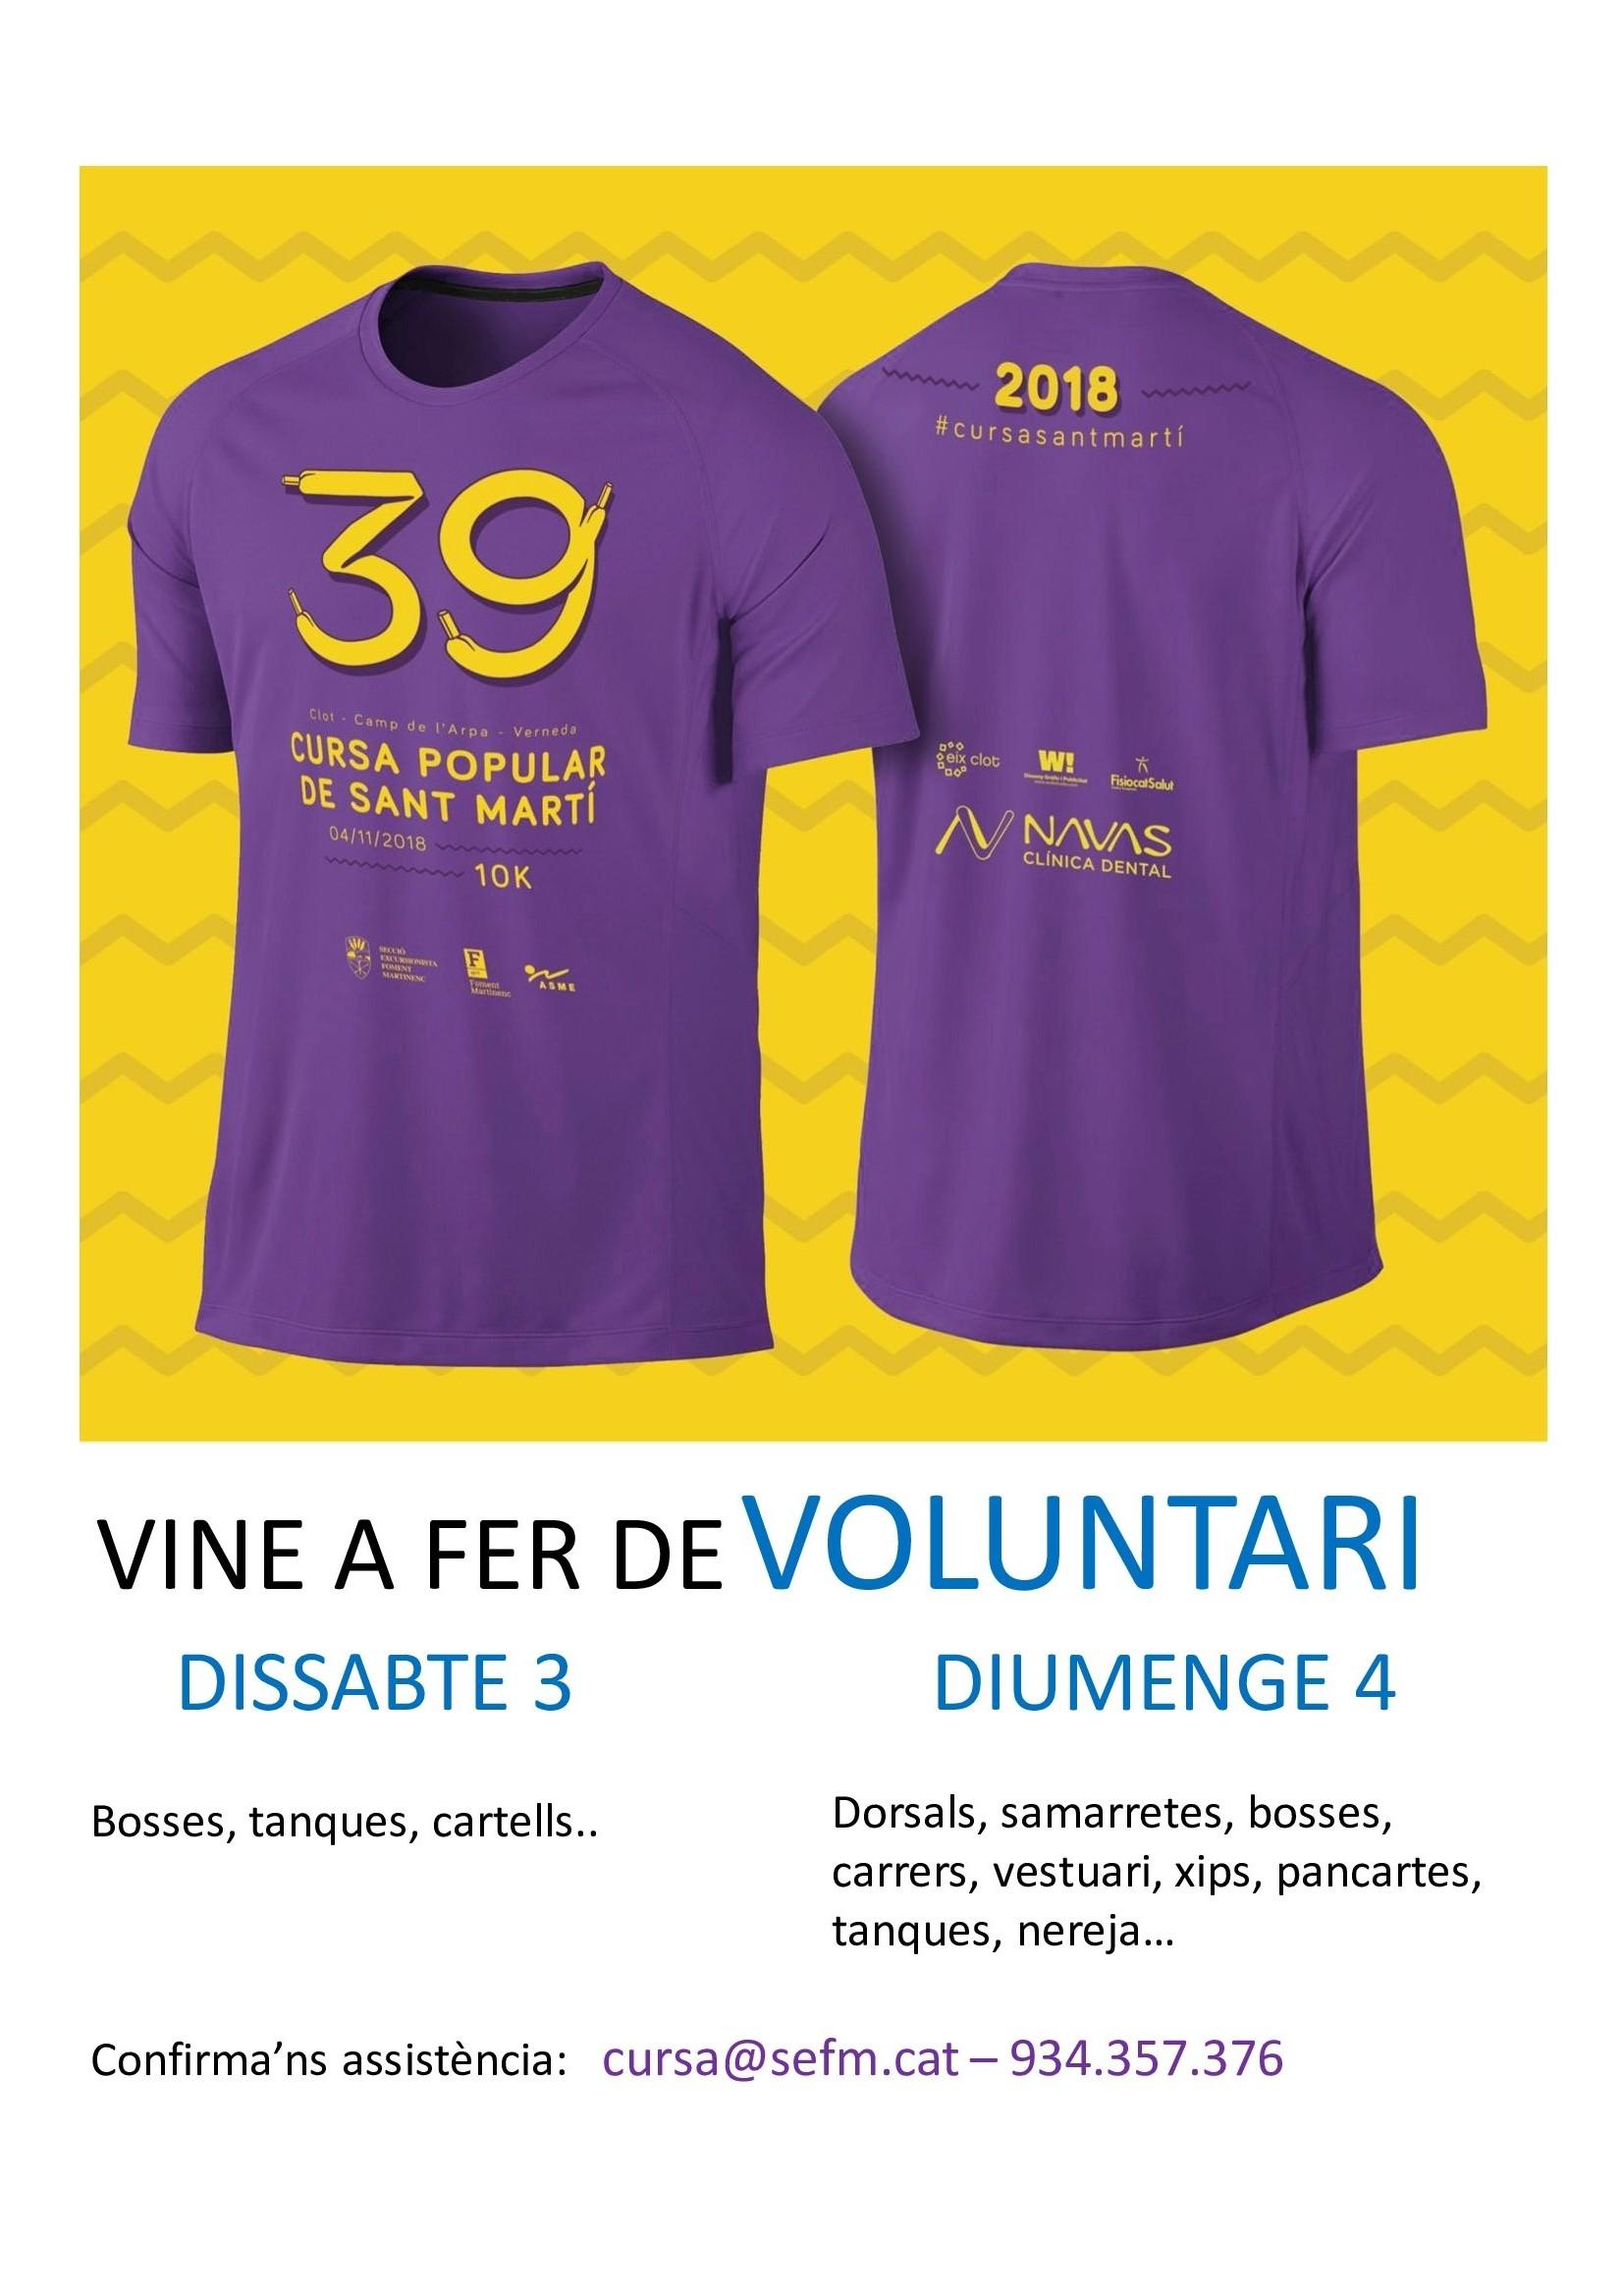 2018_VoluntarisCursa